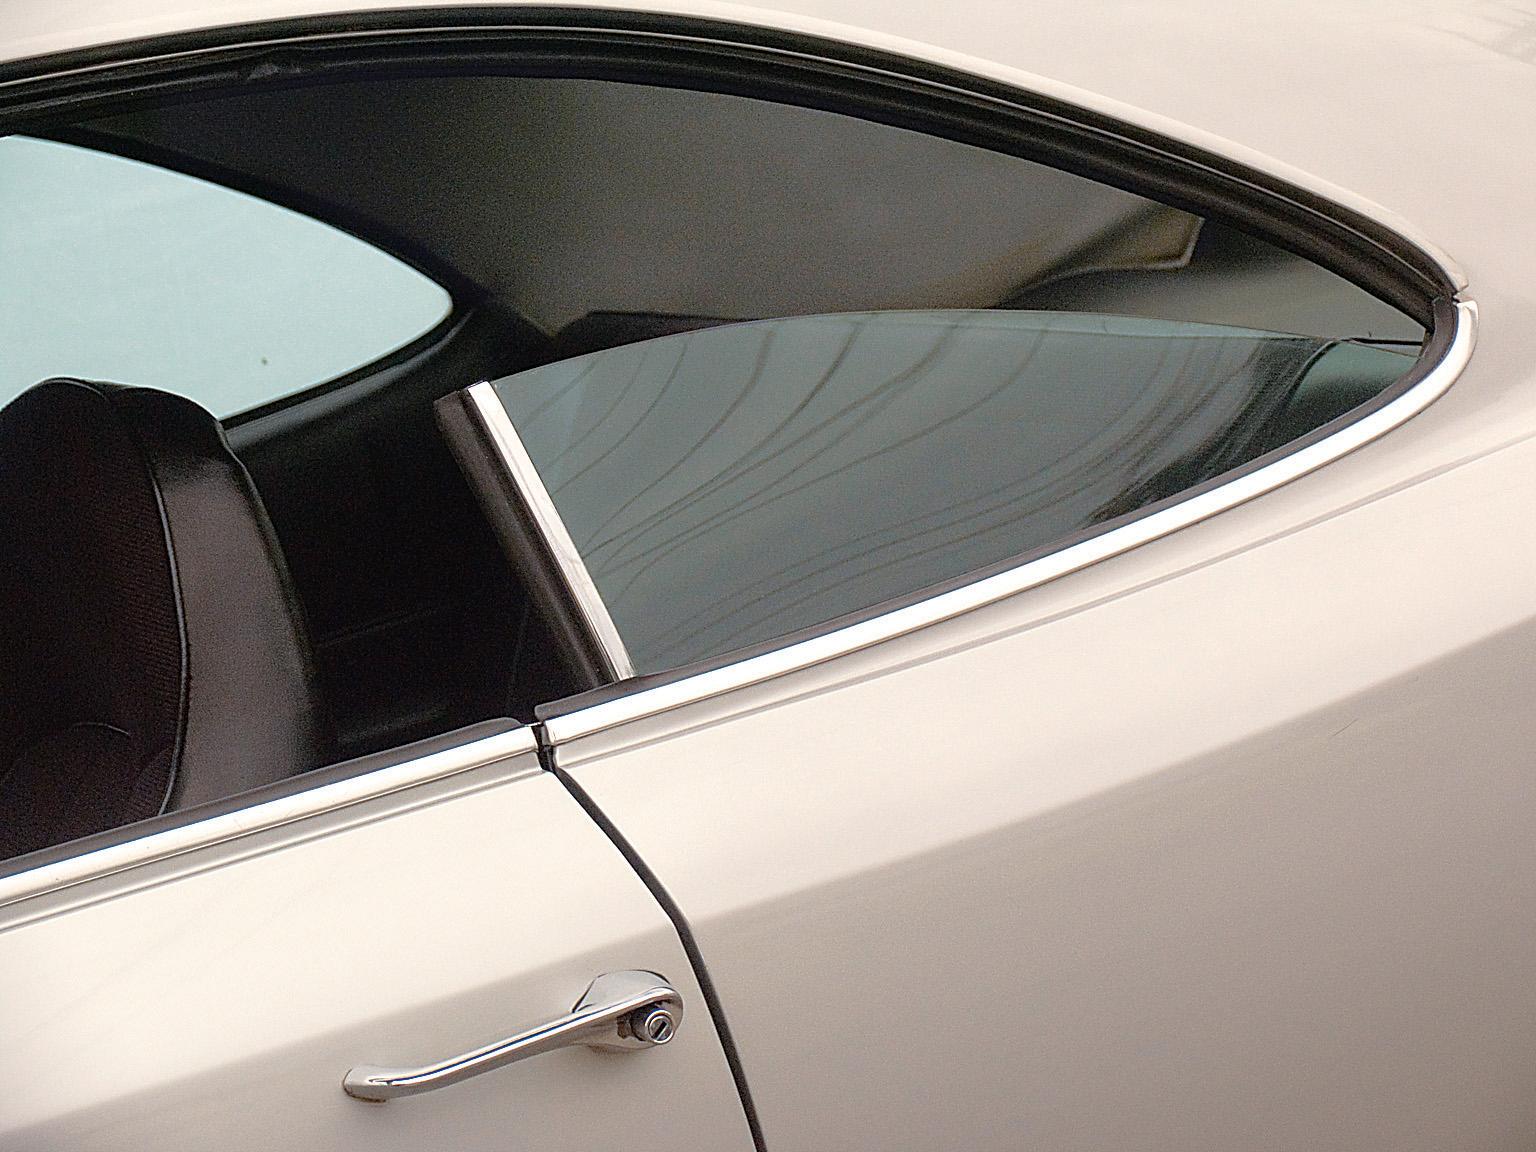 Janela traseira do Opala SS, modelo 1976 da Chevrolet, testado pela revista Quatro Rodas.